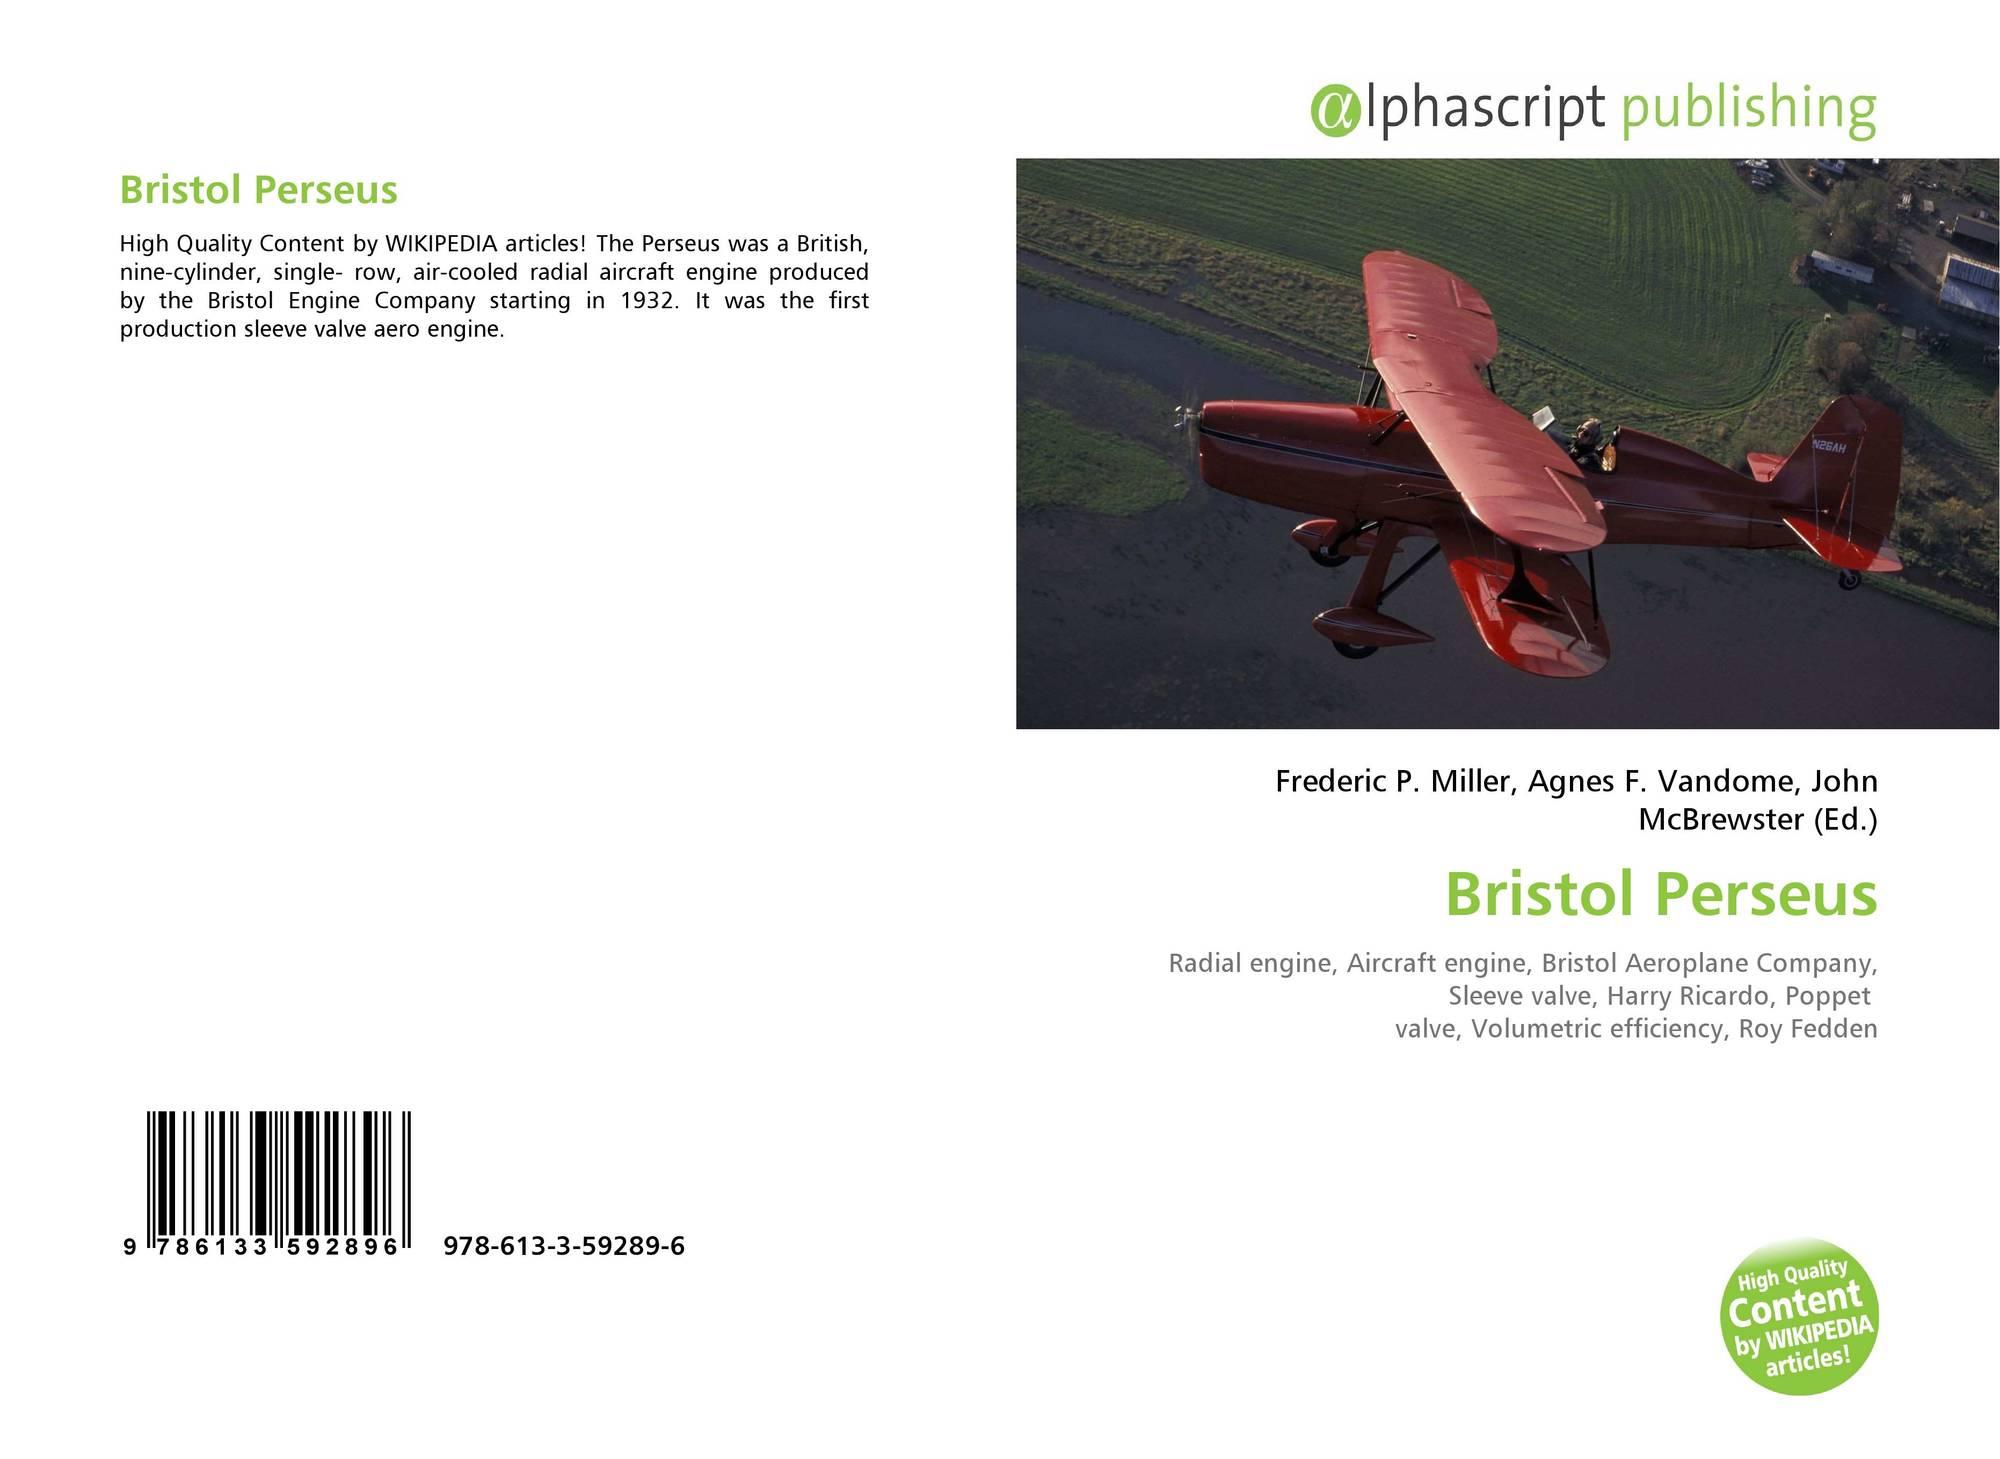 Bristol Perseus, 978-613-3-59289-6, 6133592893 ,9786133592896